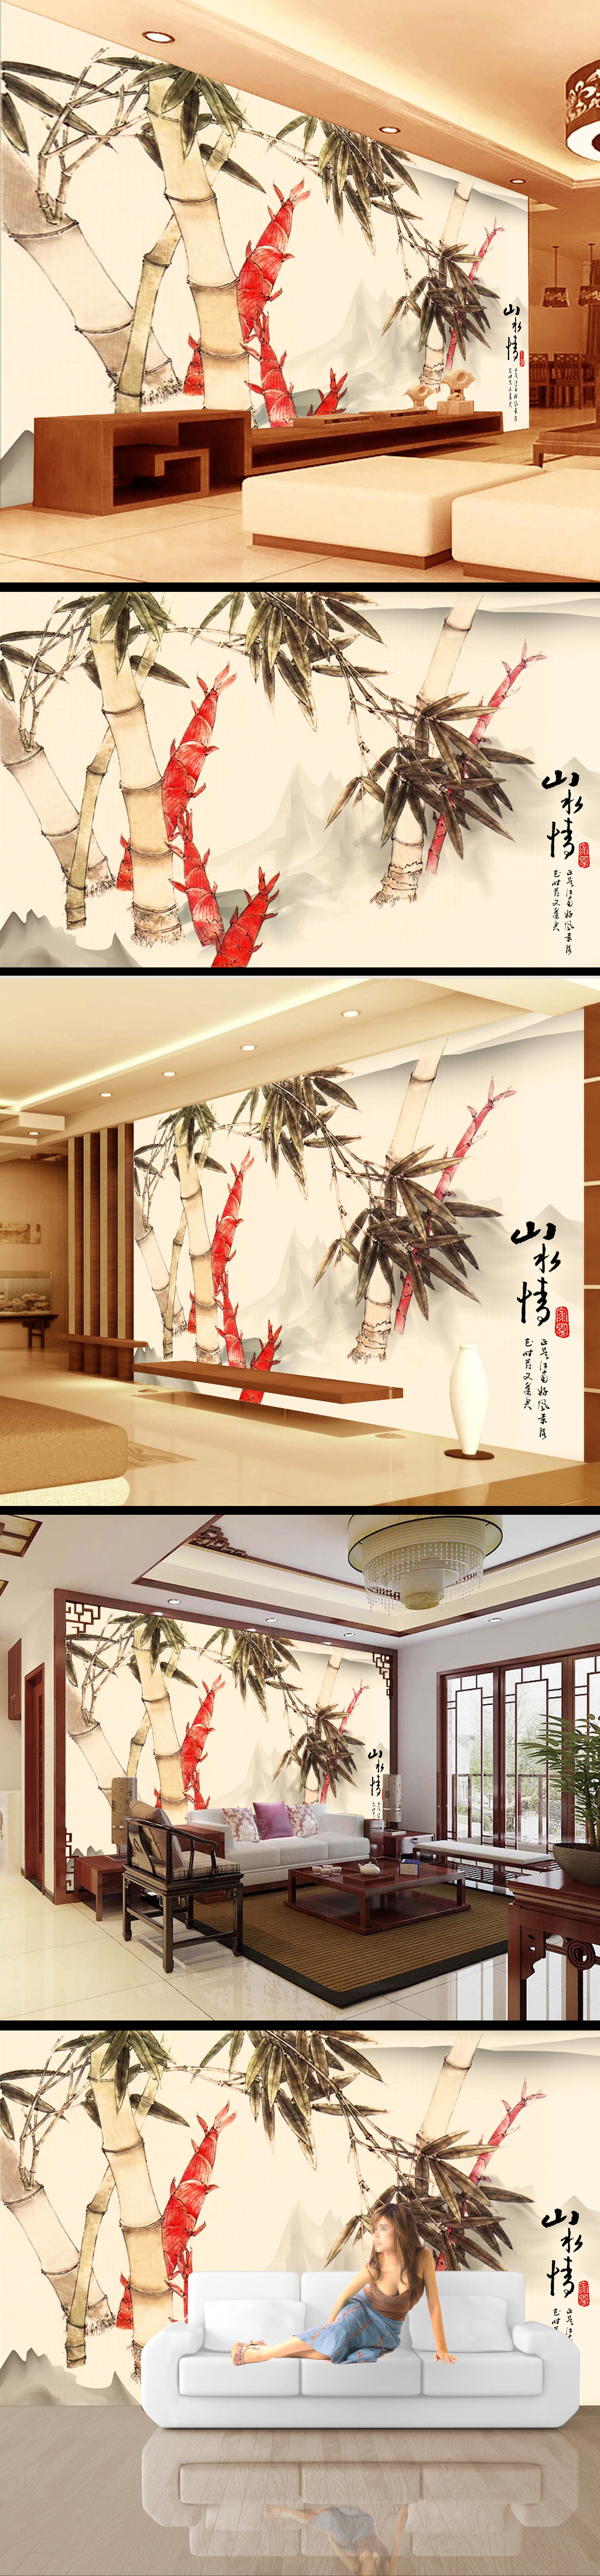 国画水墨画竹子电视墙设计